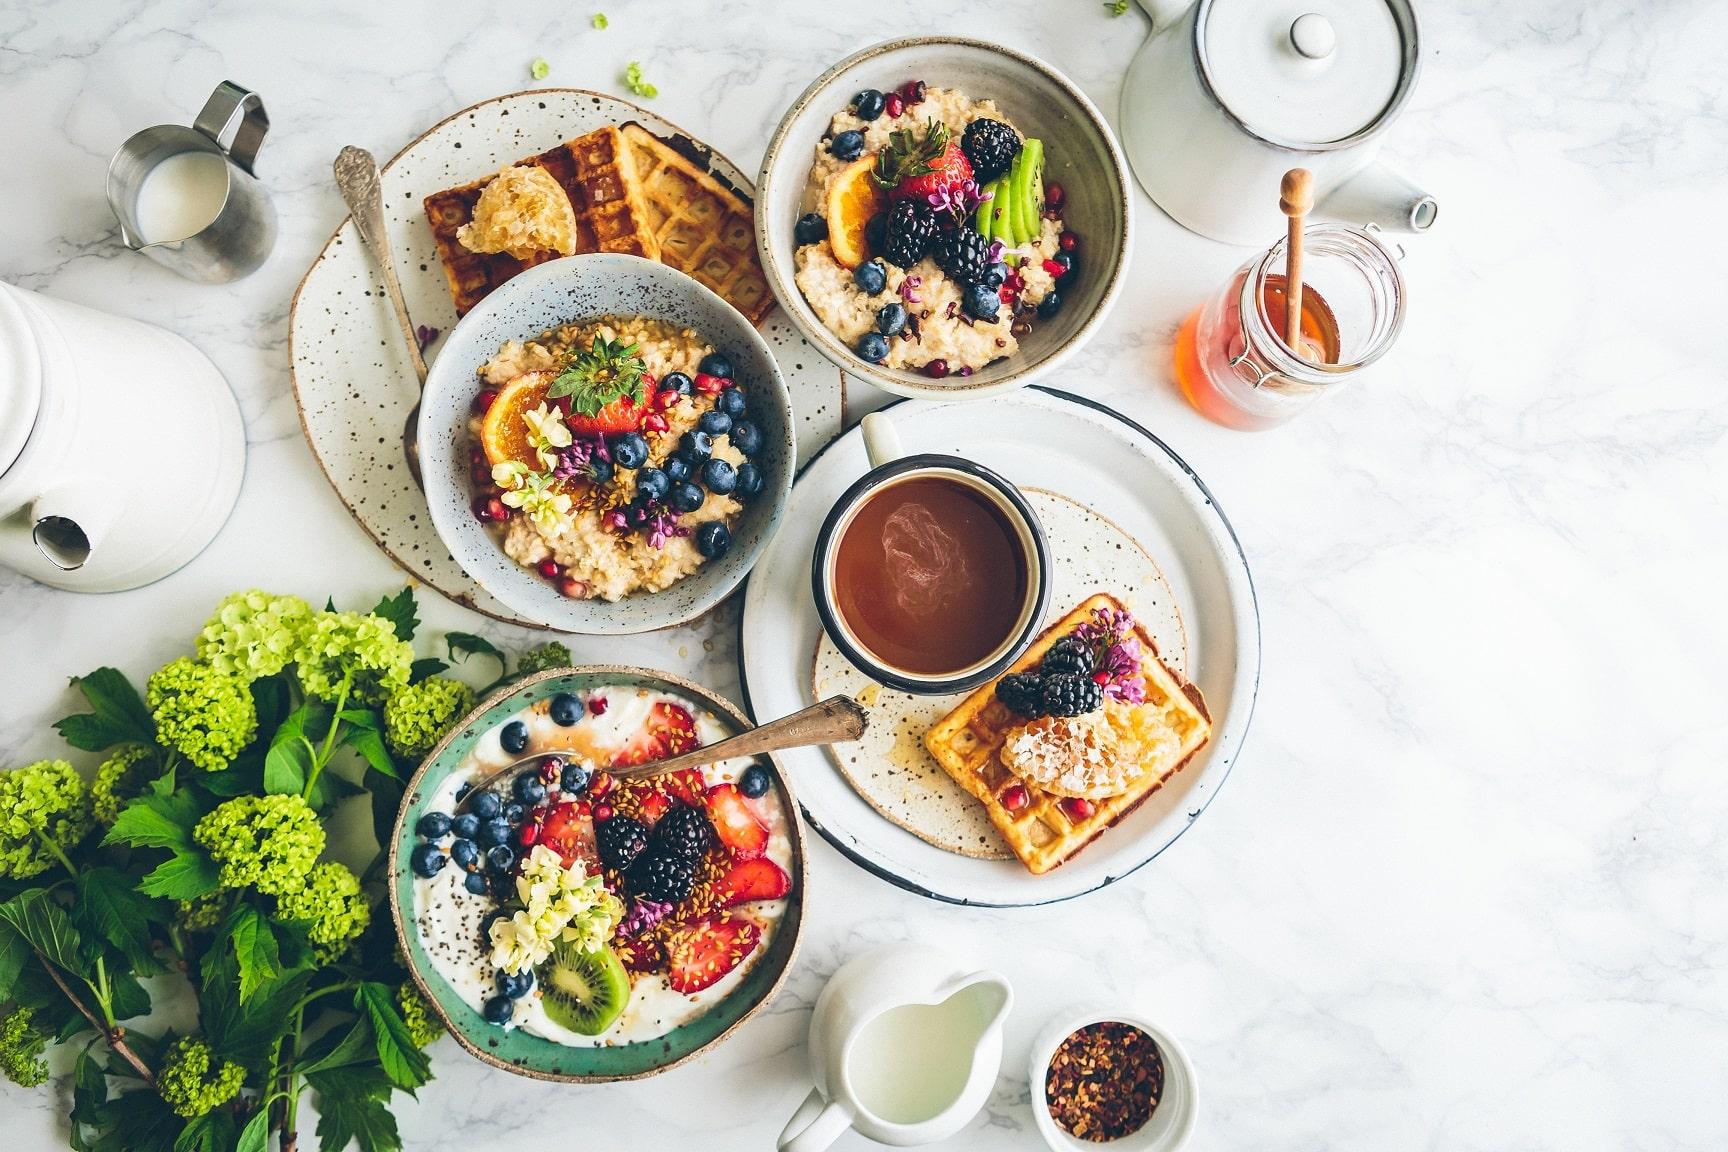 W jaki sposób zdrowa dieta wpływa na cerę?